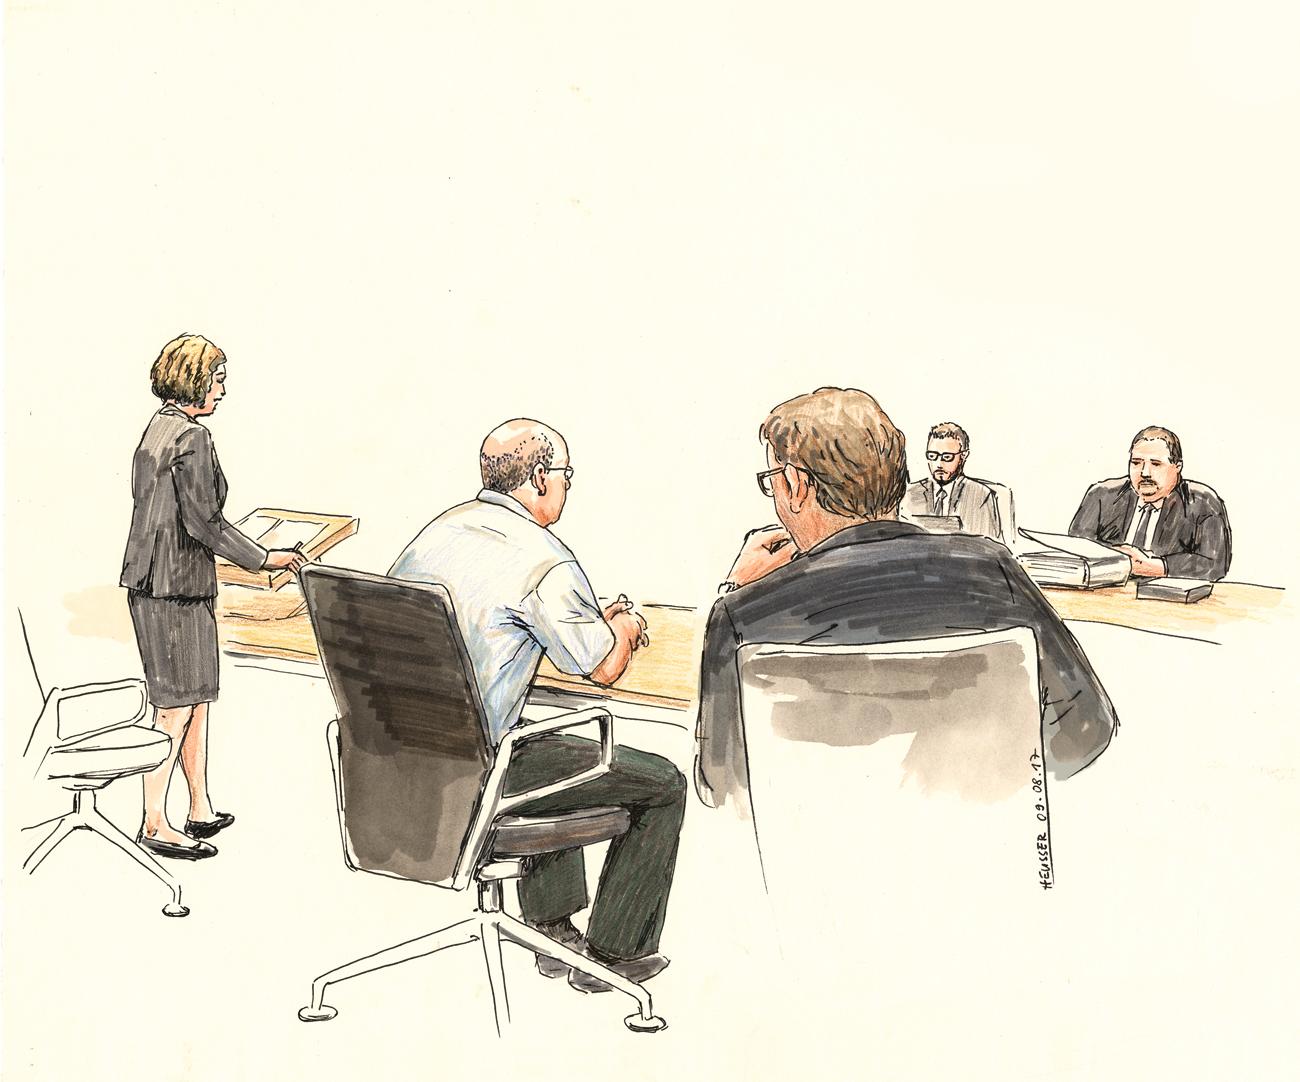 Angeklagter und Verteidiger sitzend, Staatsanwältin stehend.